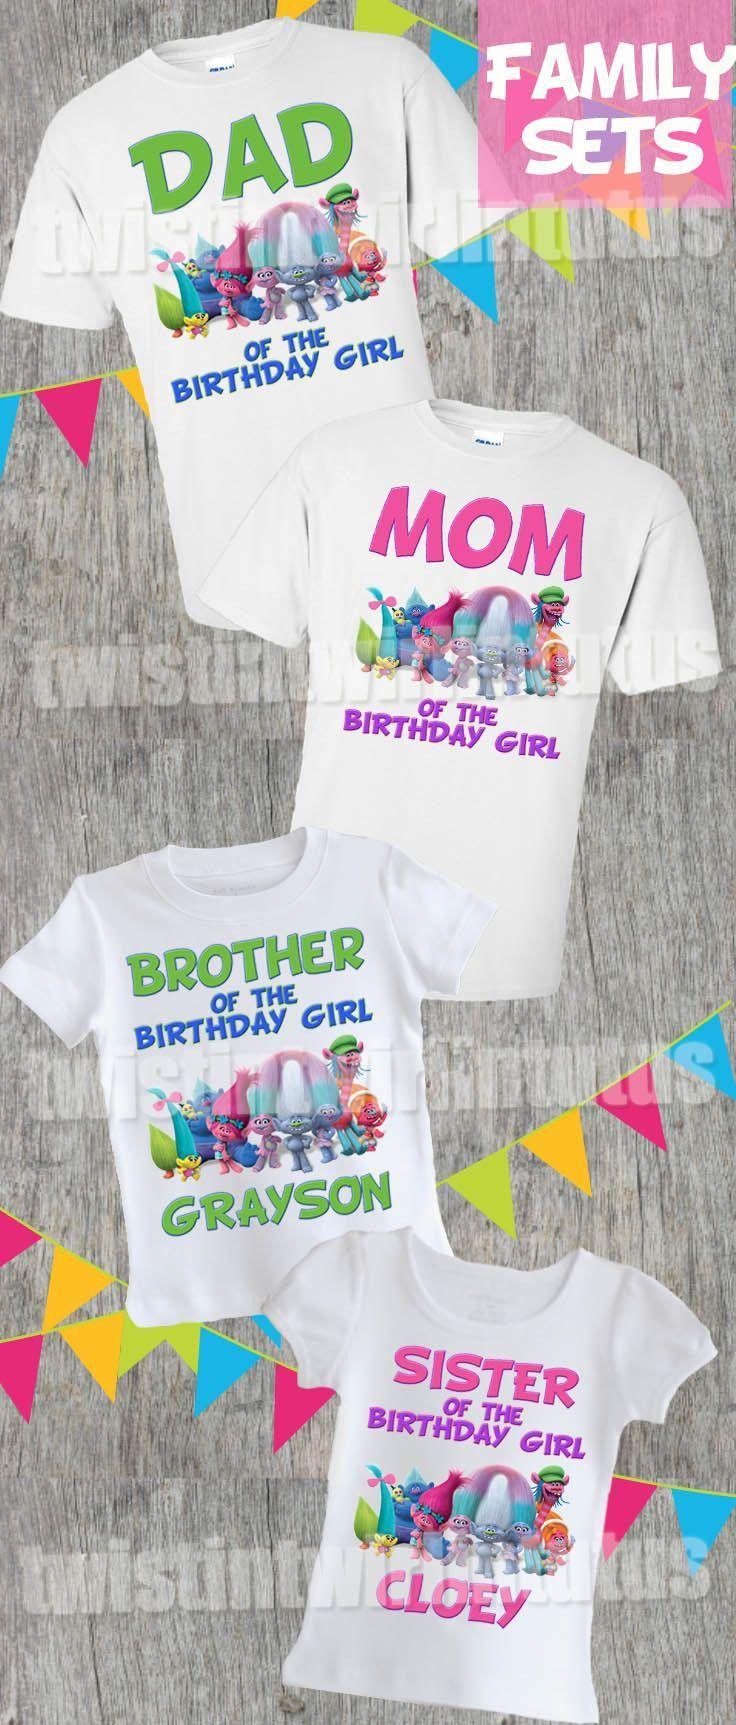 Trolls Birthday Party Ideas   Trolls Birthday Shirt   Trolls Family Shirt Set   Twistin Twirlin Tutus   #trollsbirthday http://www.twistintwirlintutus.com/products/troll-birthday-shirt-family-set